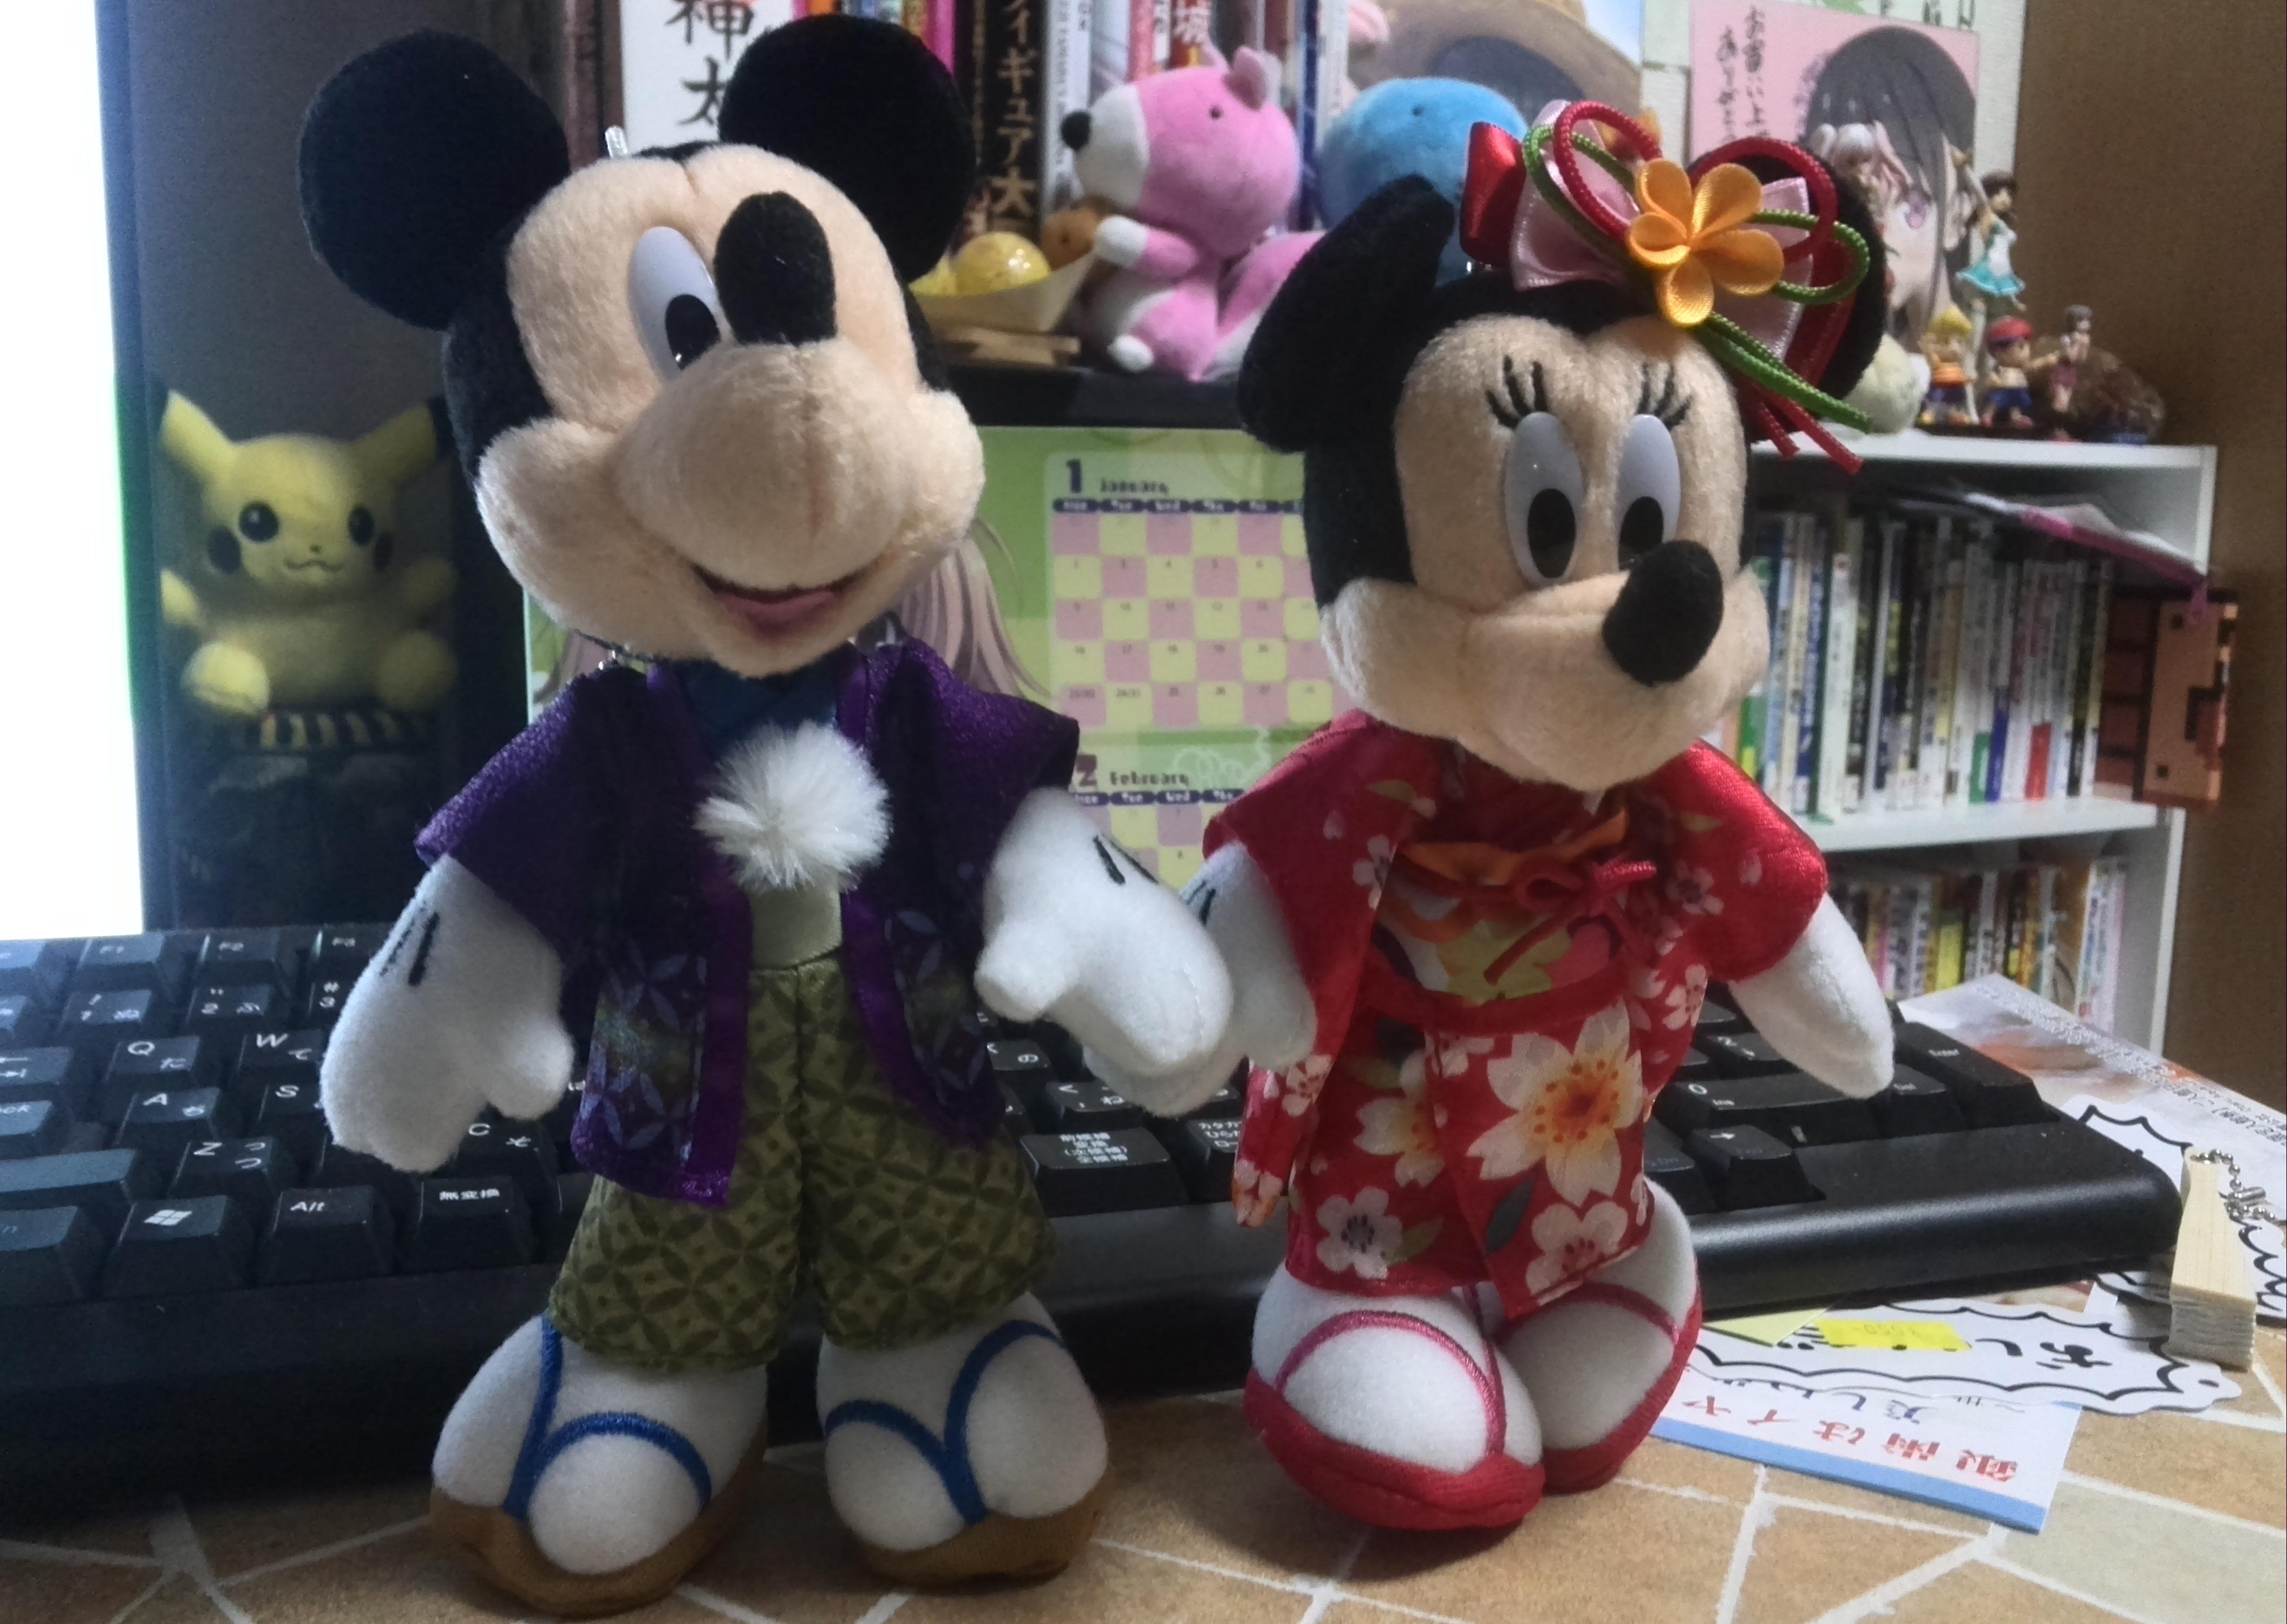 ディズニーランドで購入した晴れ着姿のミッキーとミニー